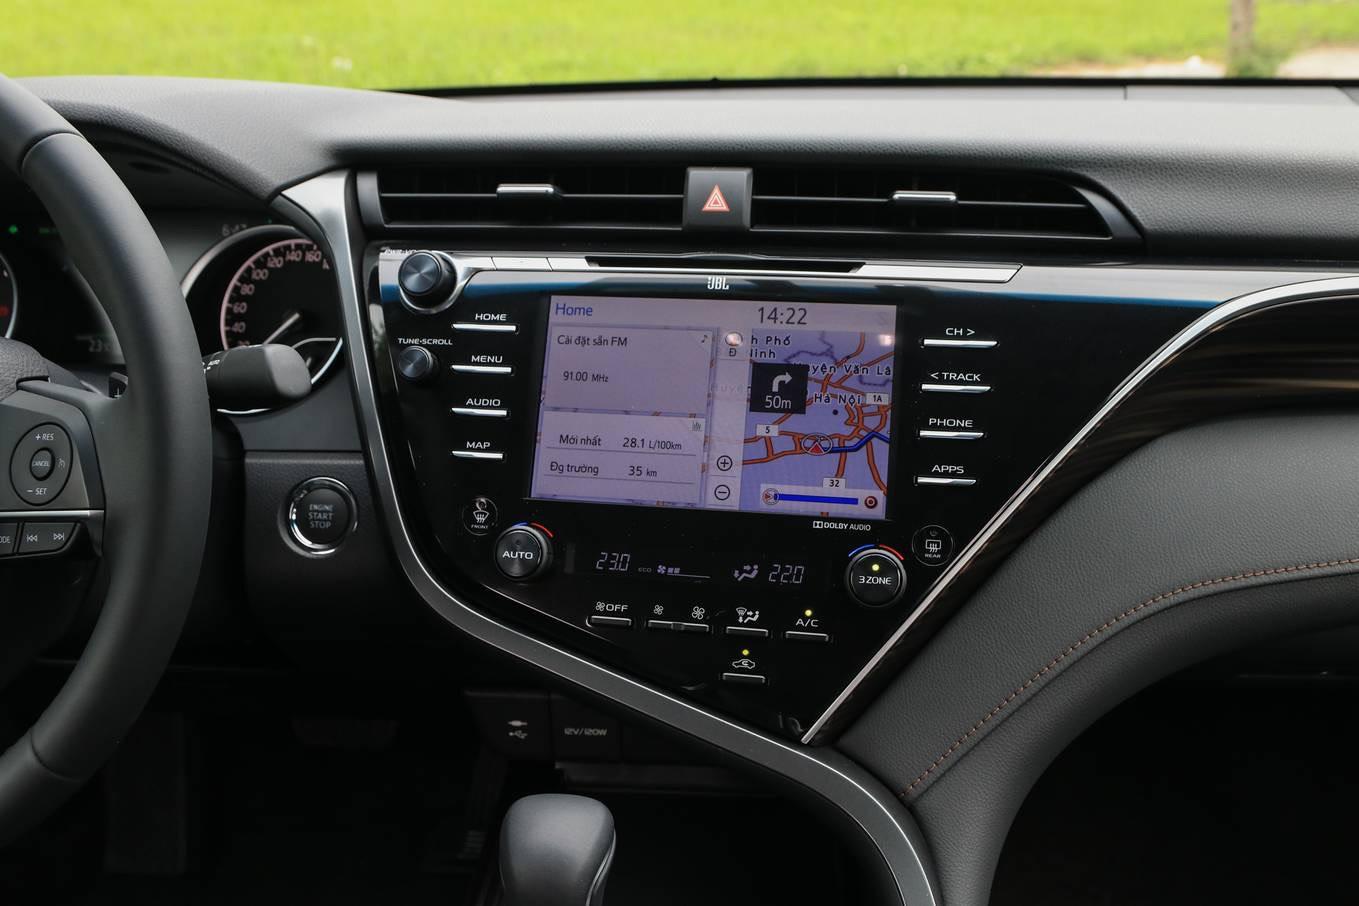 danh gia xe toyota camry 2020 anh 06 - Camry 2020: giá xe và khuyến mãi tháng [hienthithang]